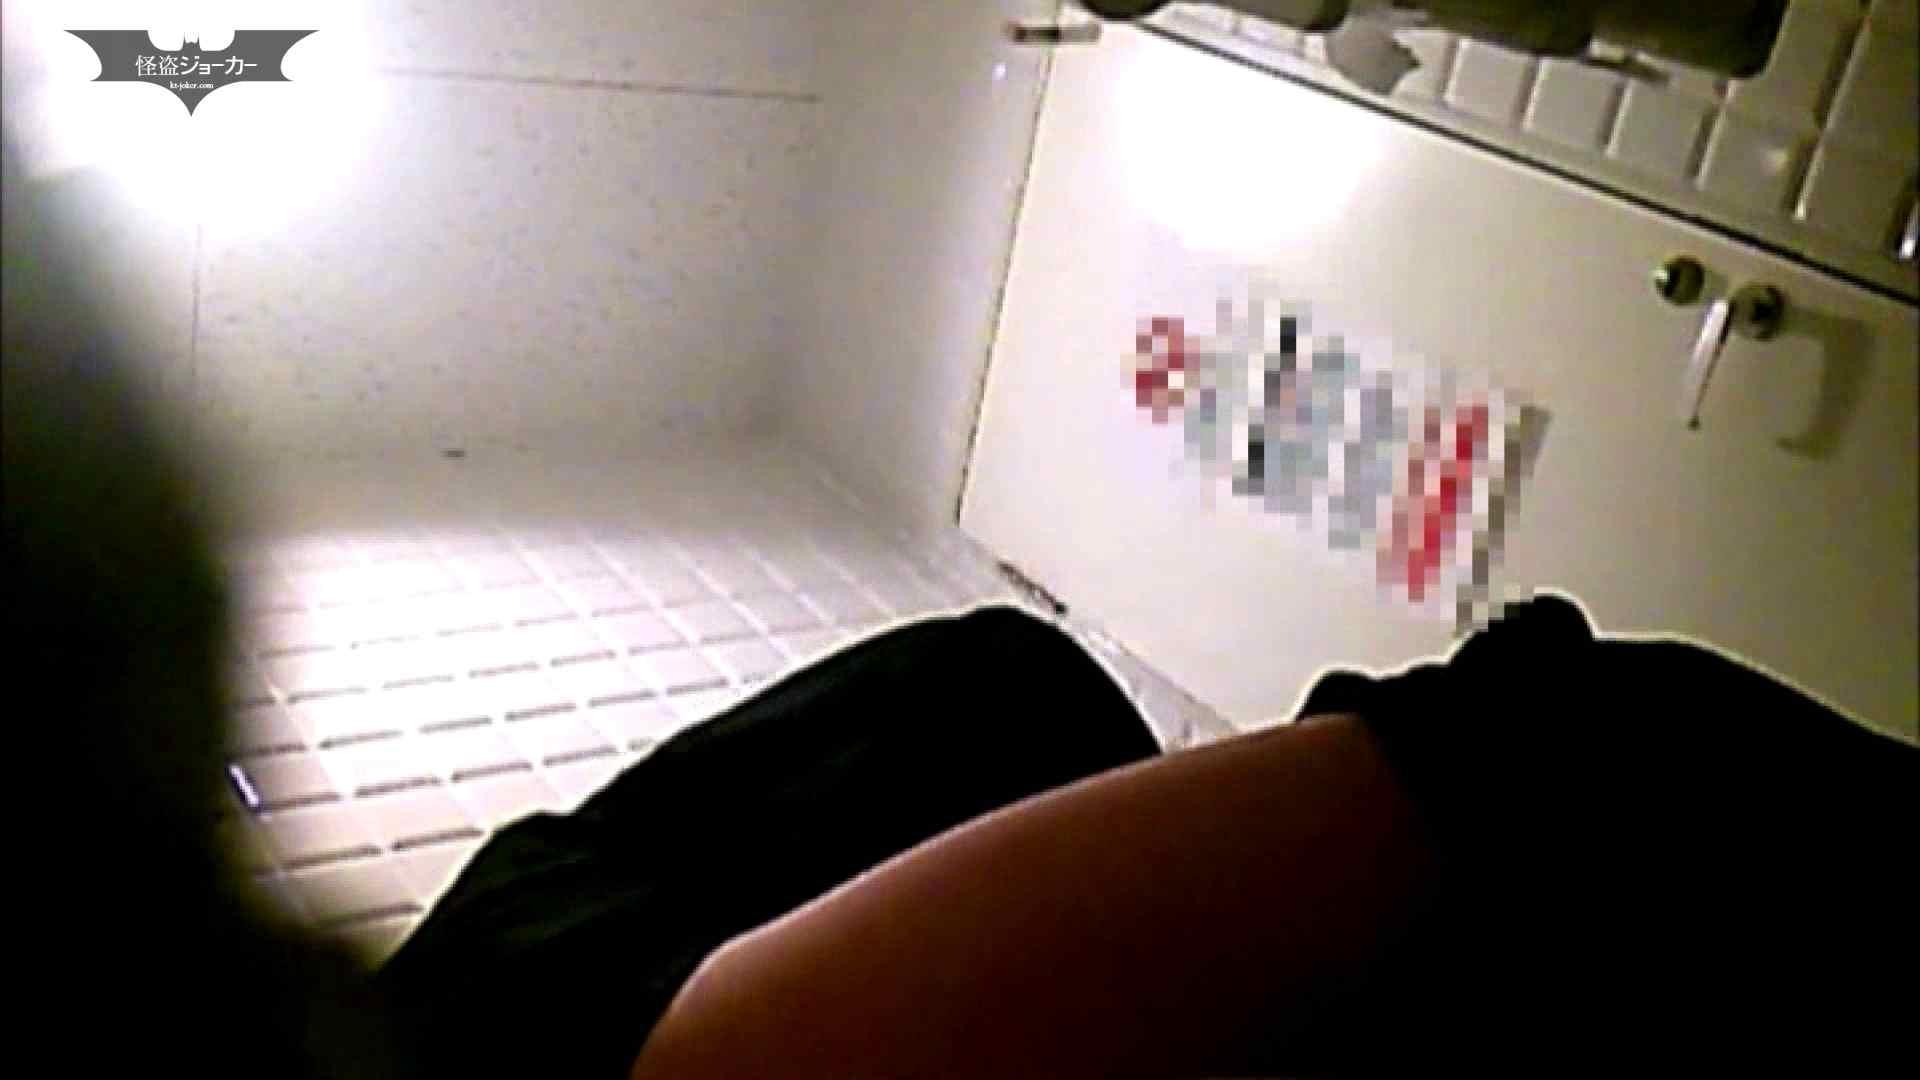 店長代理の盗撮録 Vol.02 制服ばかりをあつめてみました。その2 OL | 盗撮エロすぎ  86連発 18